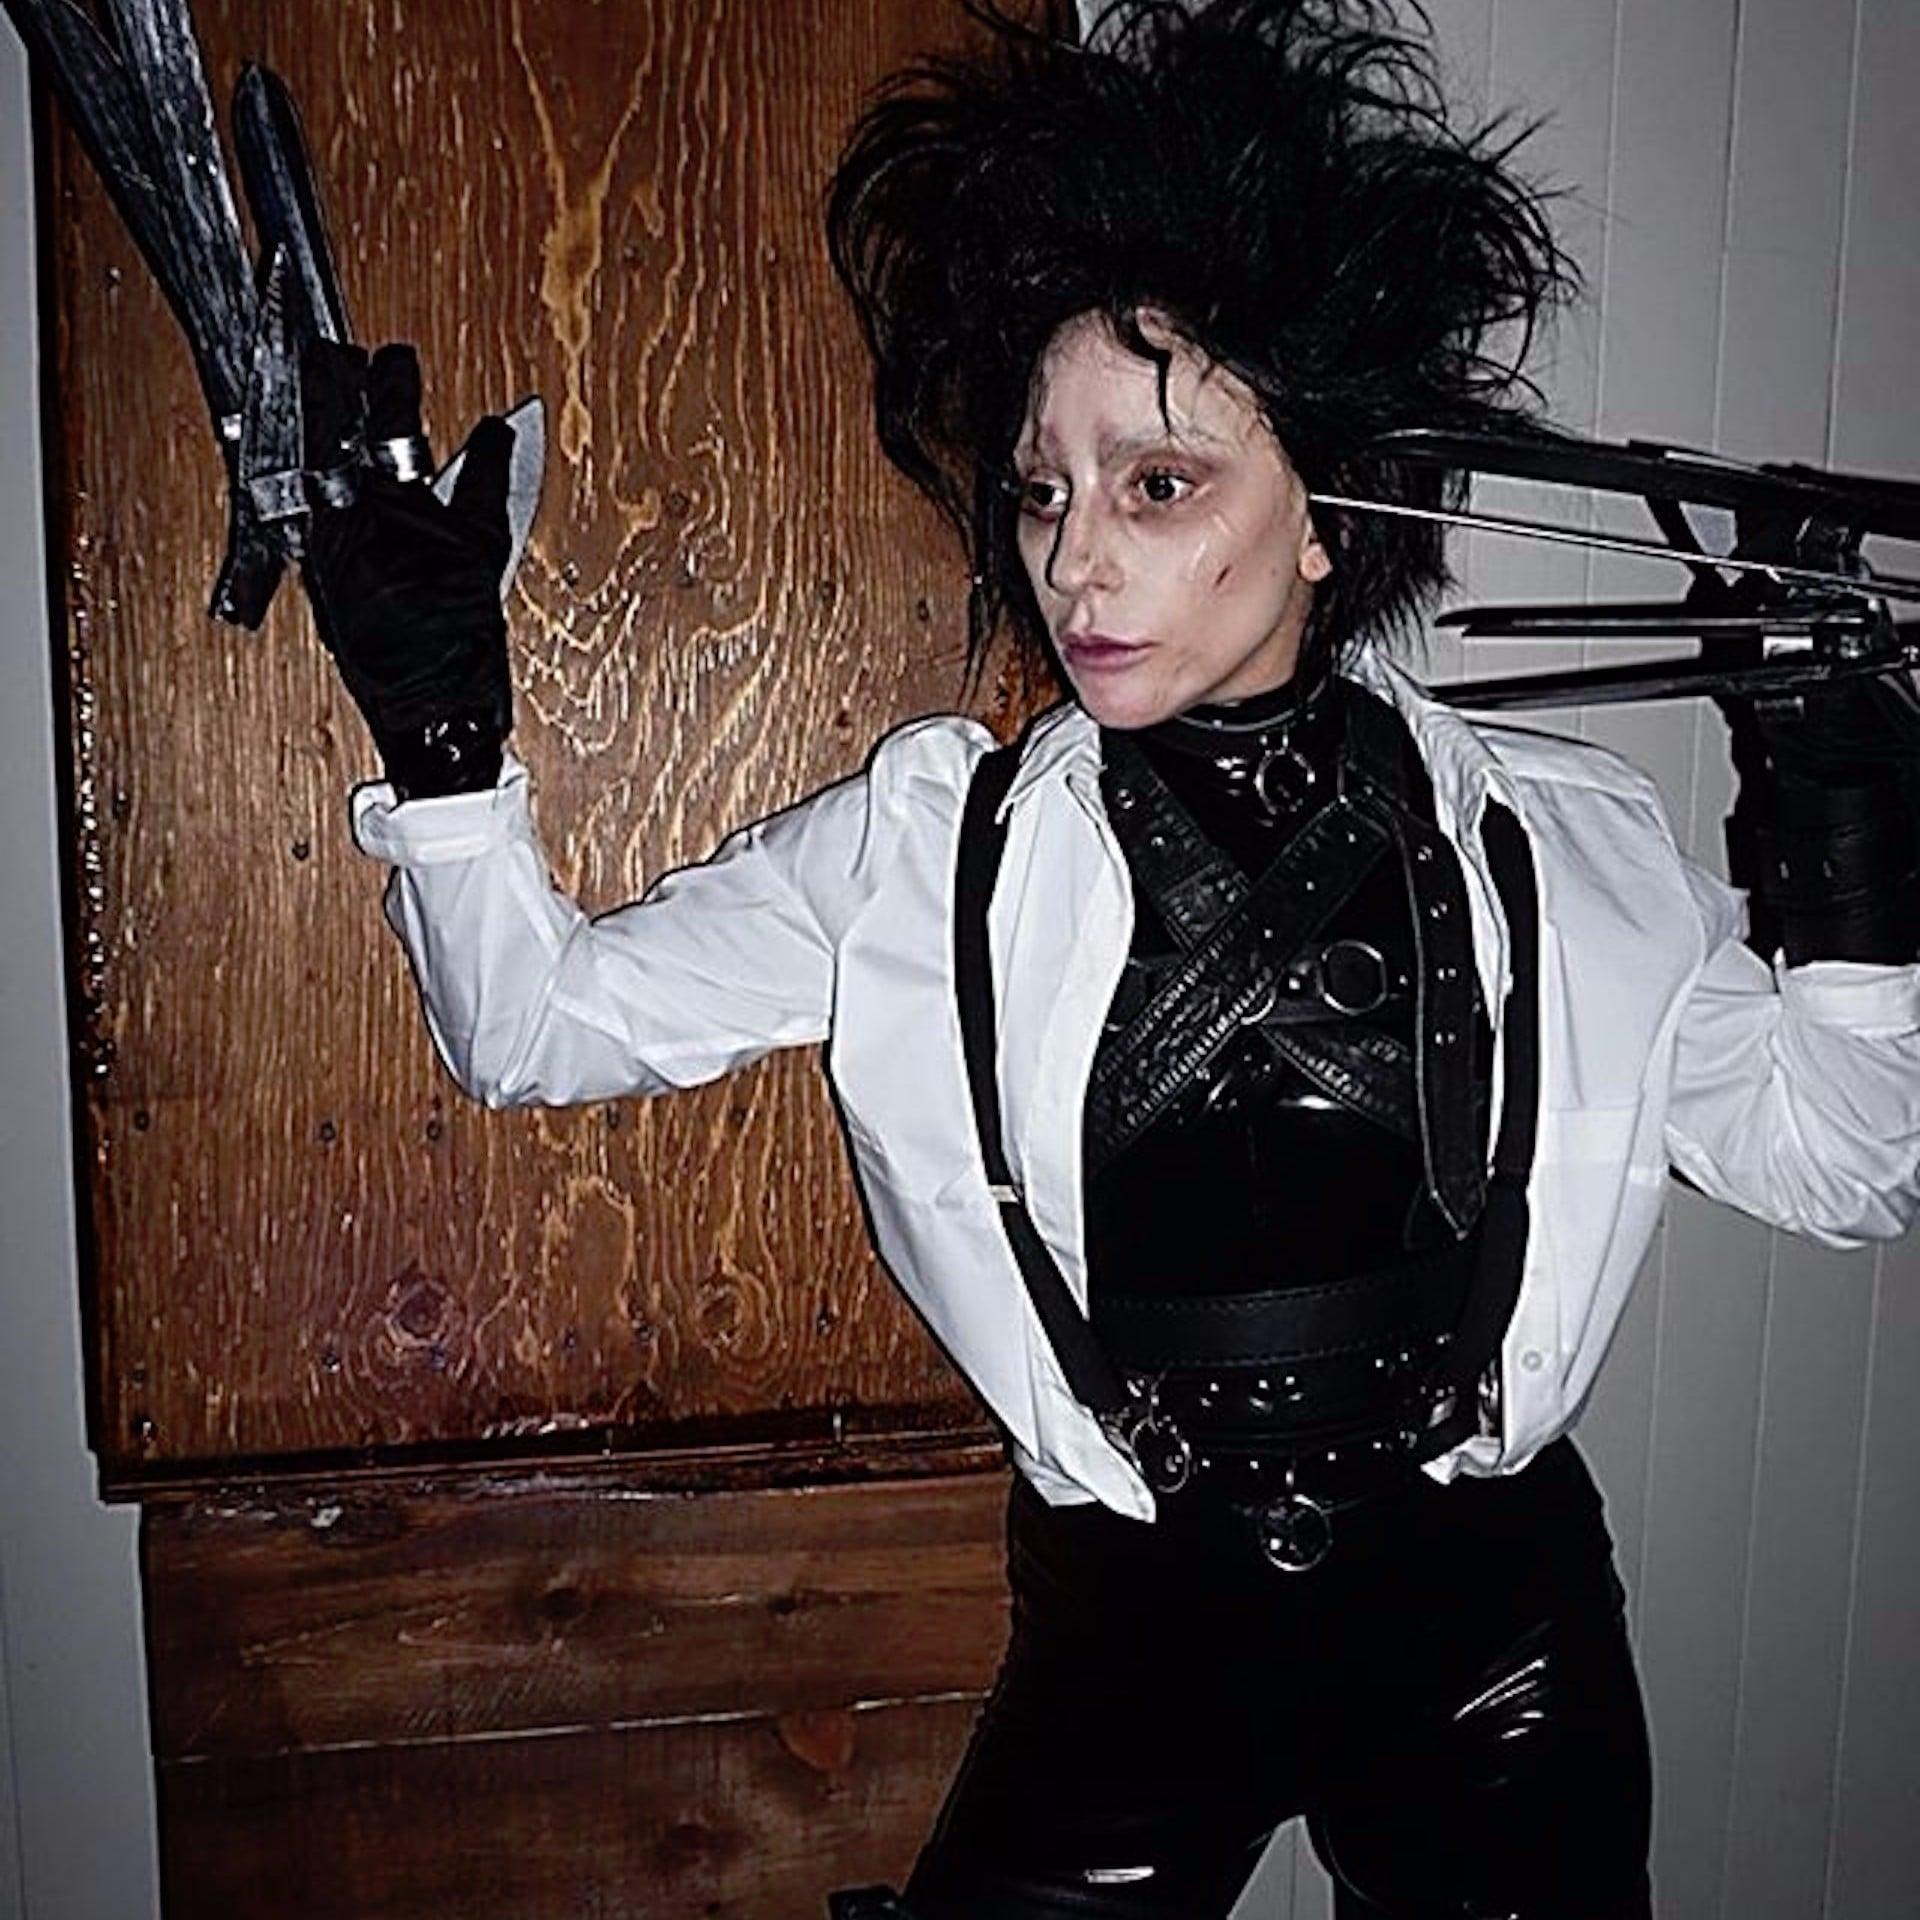 Lady Gaga Edward Scissorhands Halloween Costume 2017 | POPSUGAR Celebrity  sc 1 st  Popsugar & Lady Gaga Edward Scissorhands Halloween Costume 2017 | POPSUGAR ...